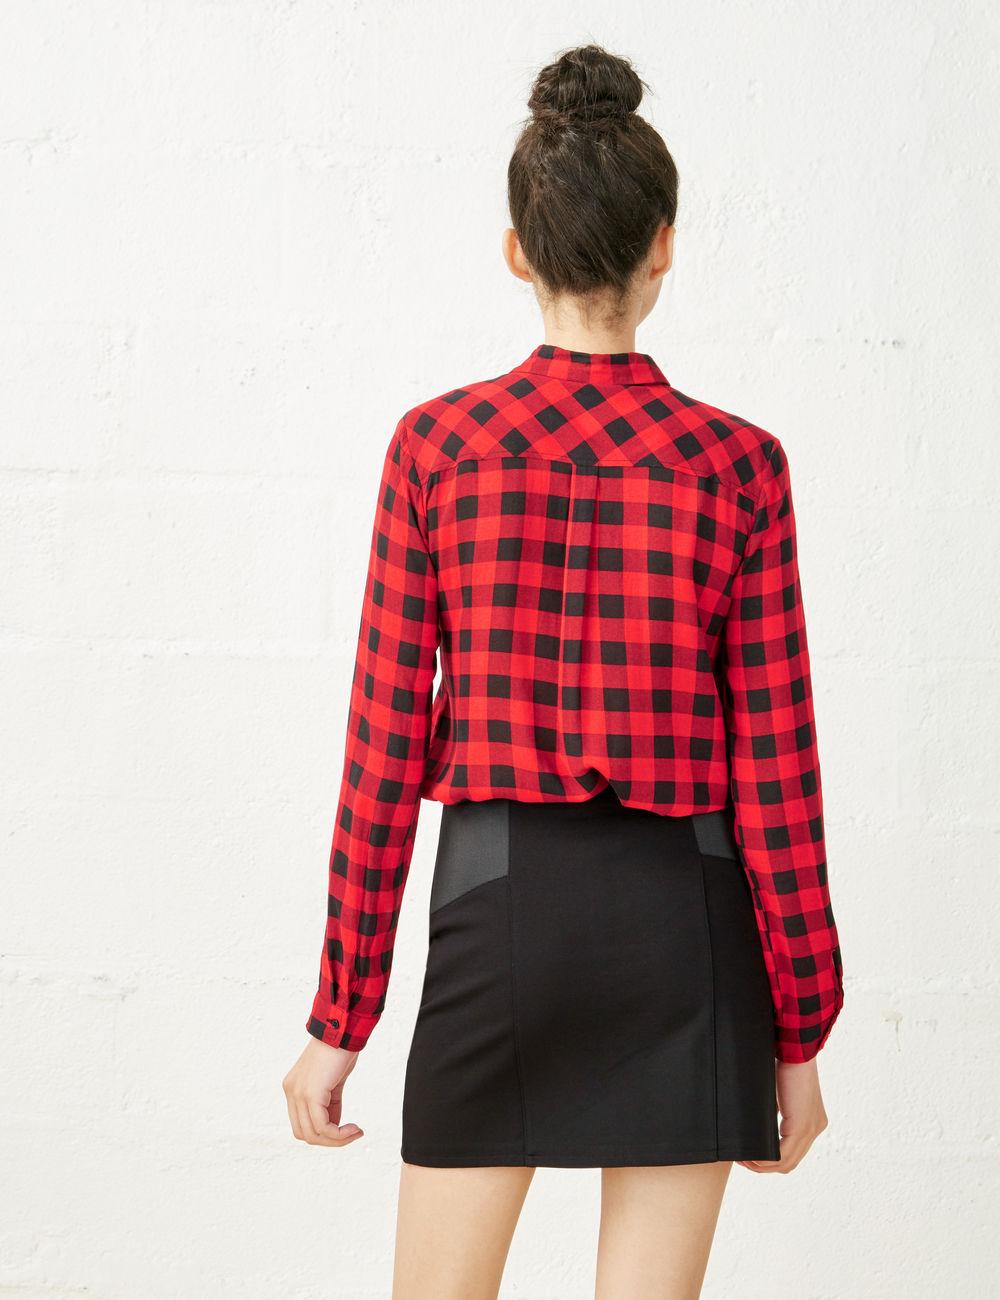 Je veux trouver une belle chemise femme et agréable à porter pas cher ICI  Chemise à carreaux rouge et noir femme fb34eda0885e